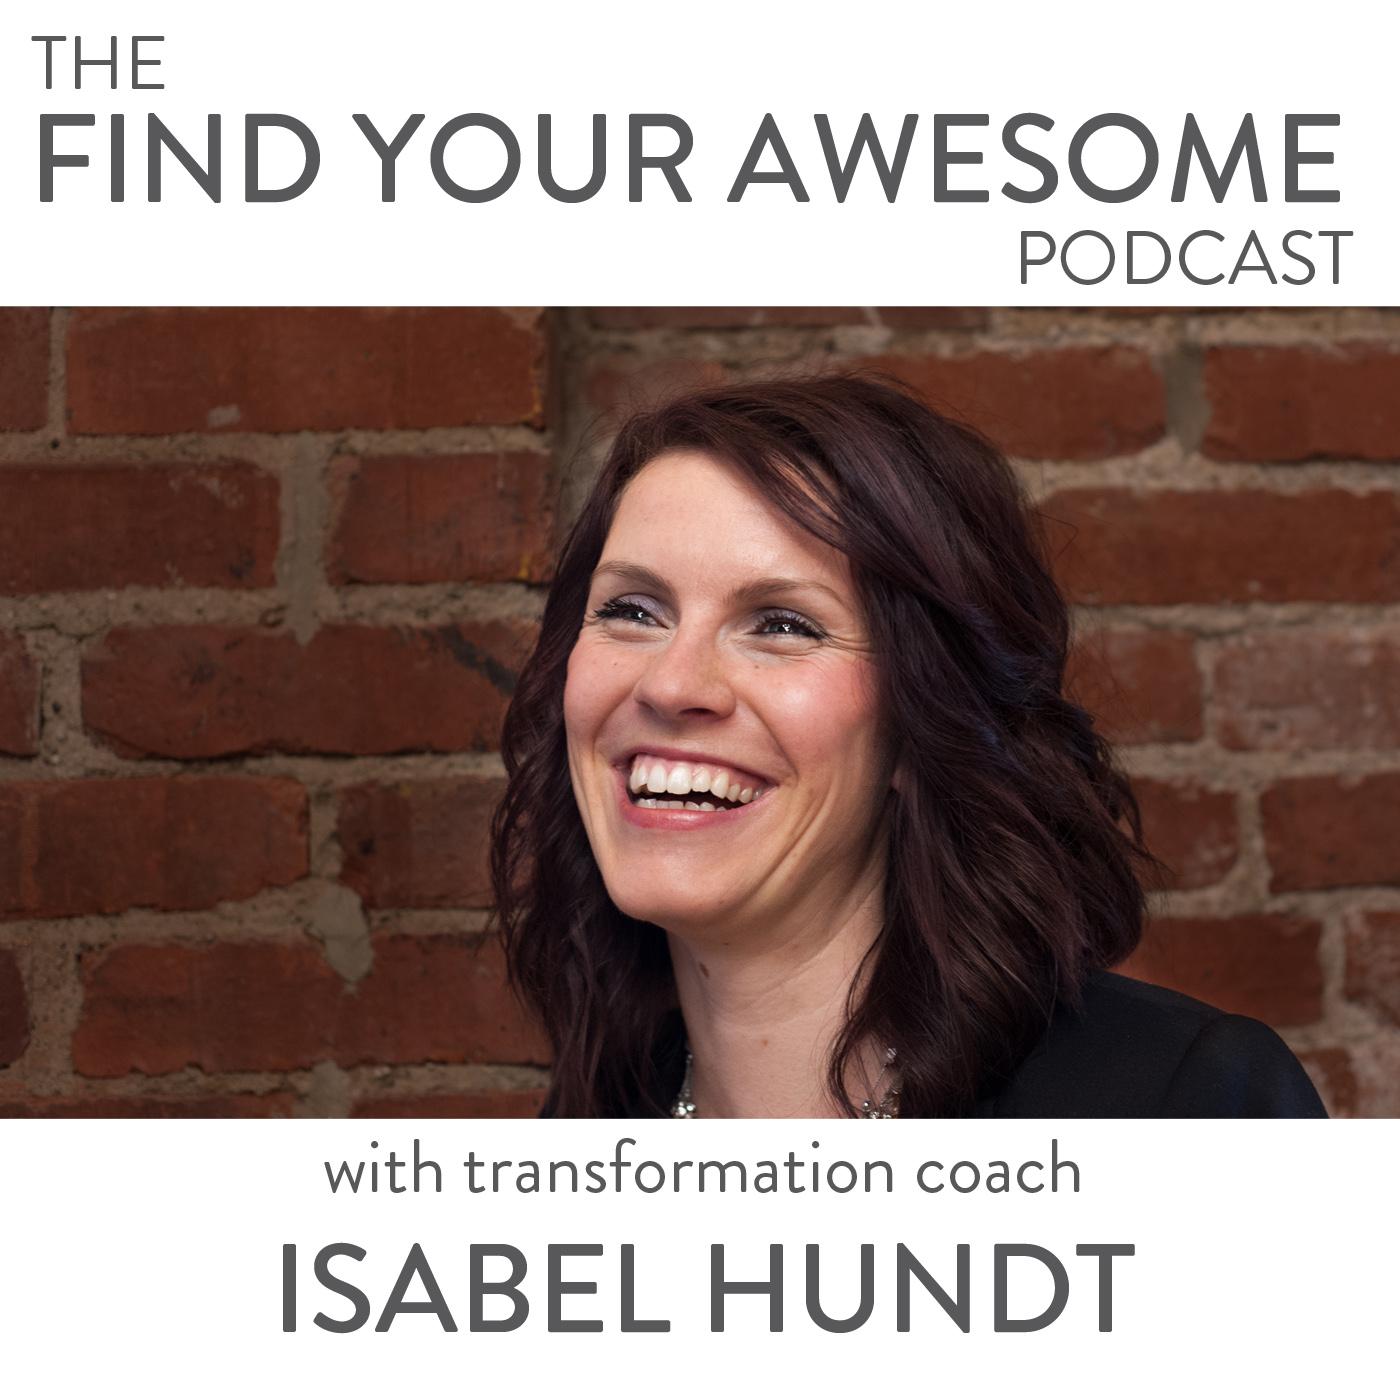 IsabelHundt_podcast_coverart.jpg